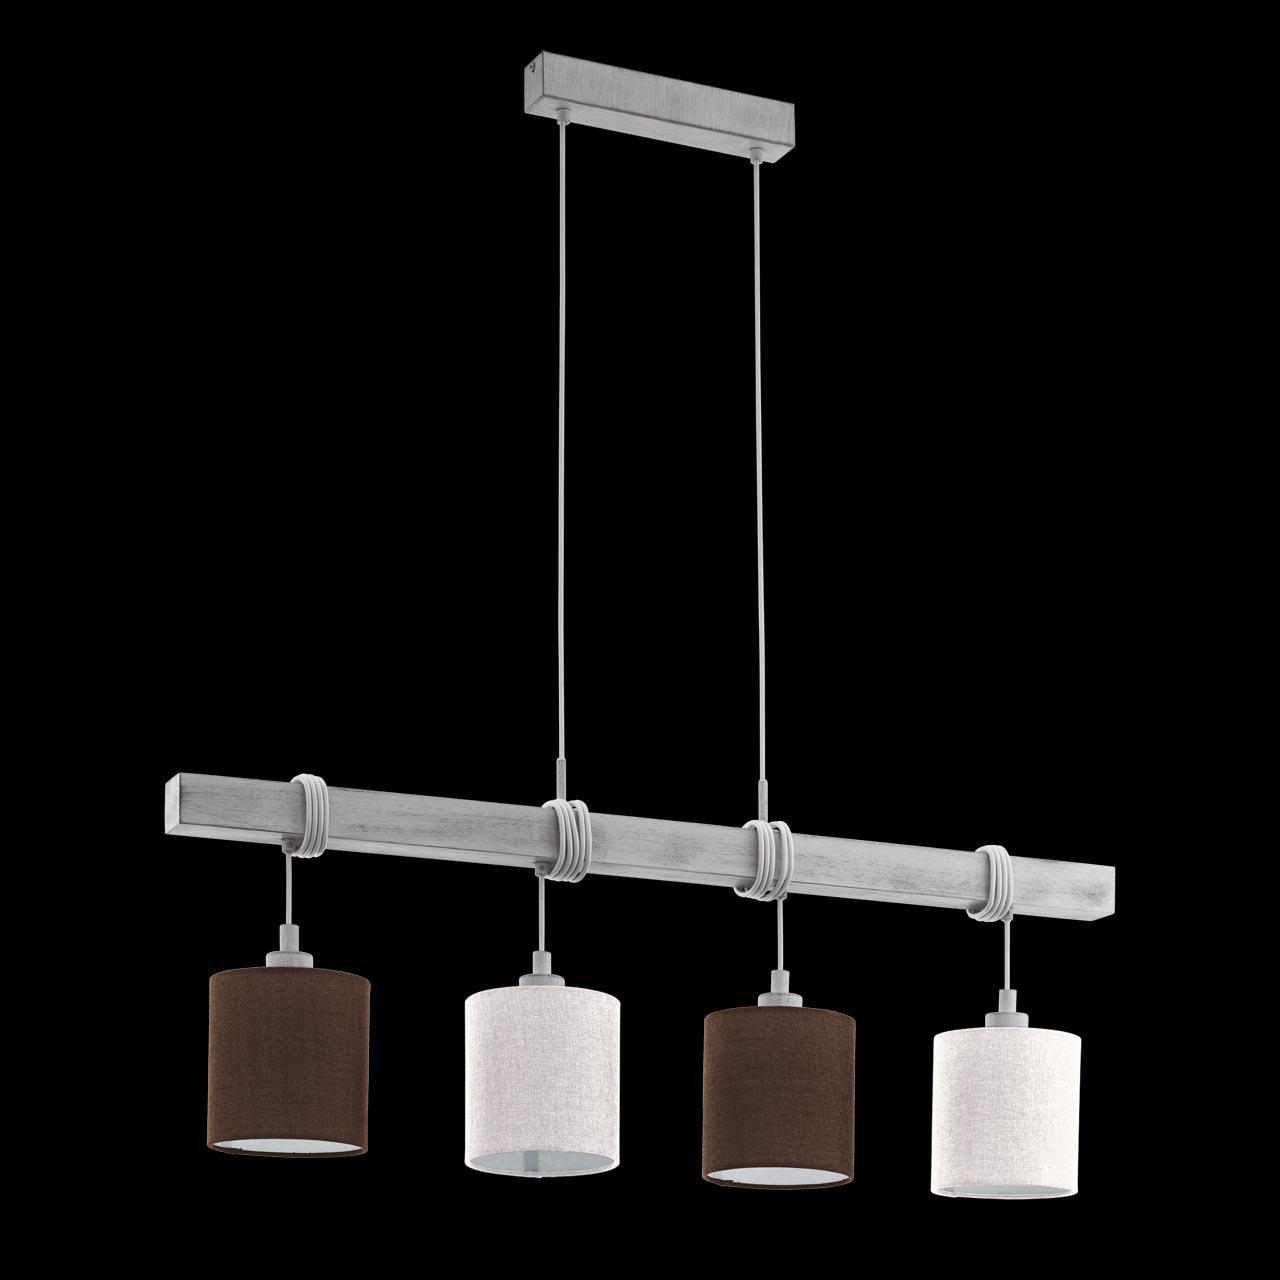 Подвесной светильник Eglo Townshend 2 49927 eglo подвесной светильник eglo truro 2 49387